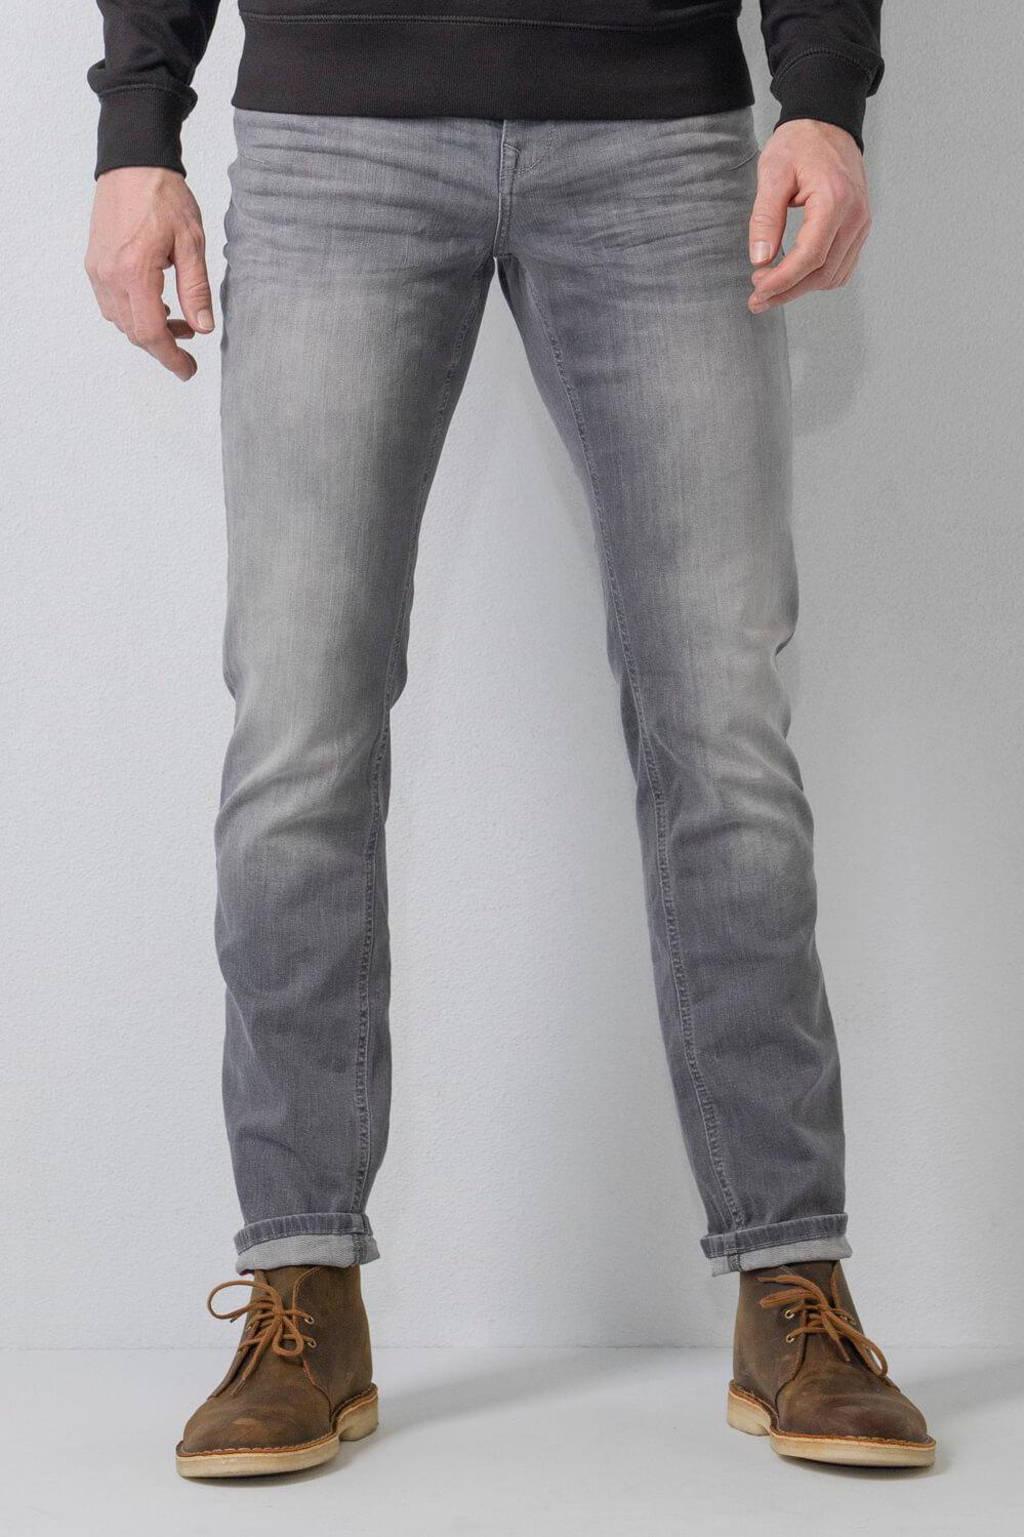 Petrol Industries slim fit jeans SEAHAM-TRACKER 9703 dusty silver, 9703 Dusty silver